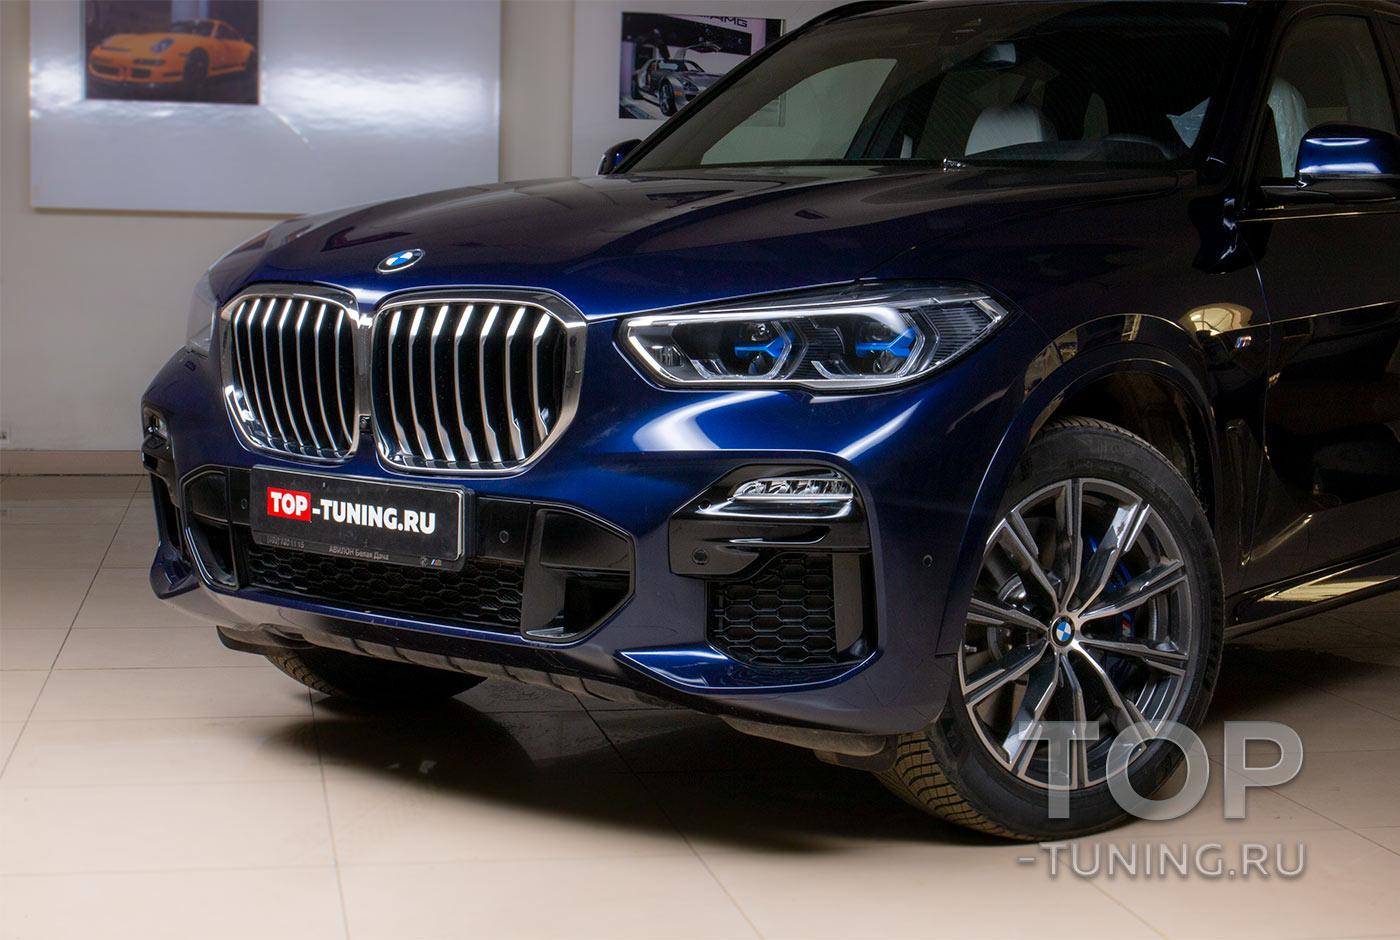 103144 Хрустальная консоль в BMW X5 G05 - установка